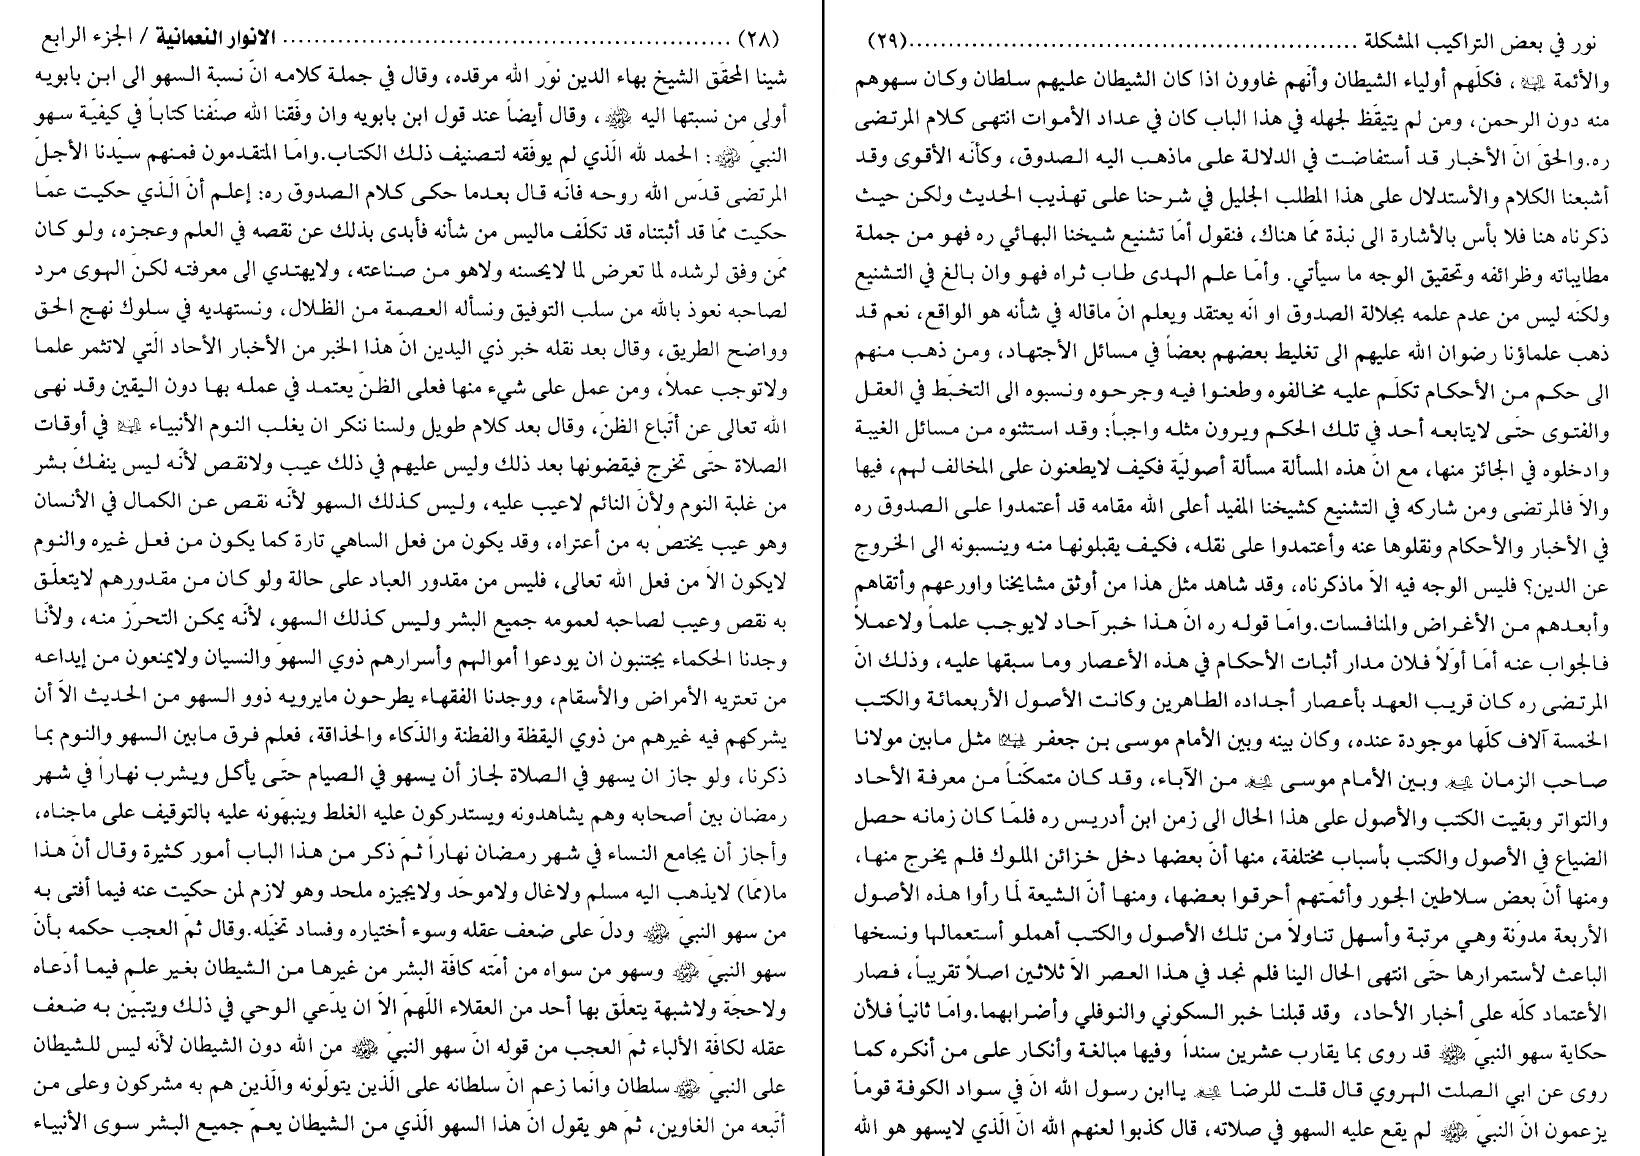 anwar-e-no3maniyyah-b-4-s-28-29